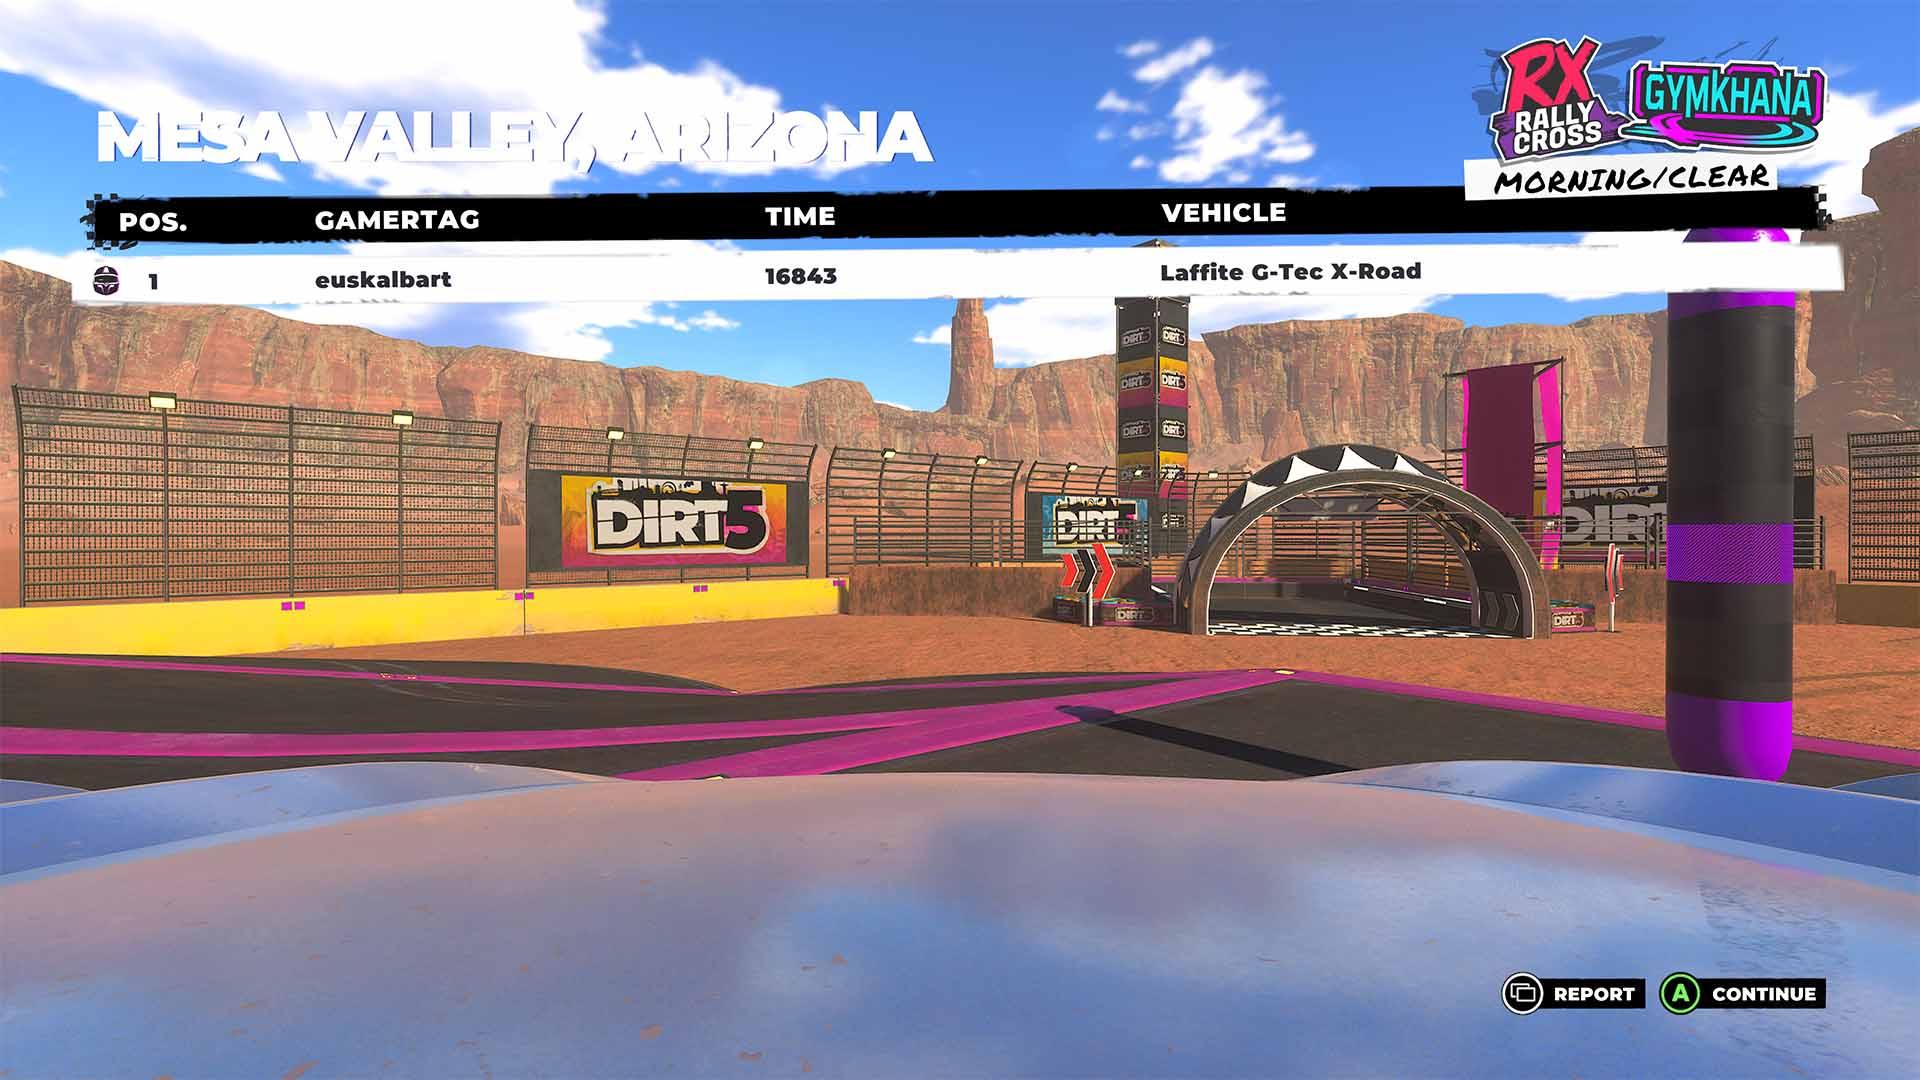 Nos hemos puesto creativos gracias al nuevo modo Playgrounds de DIRT 5 3